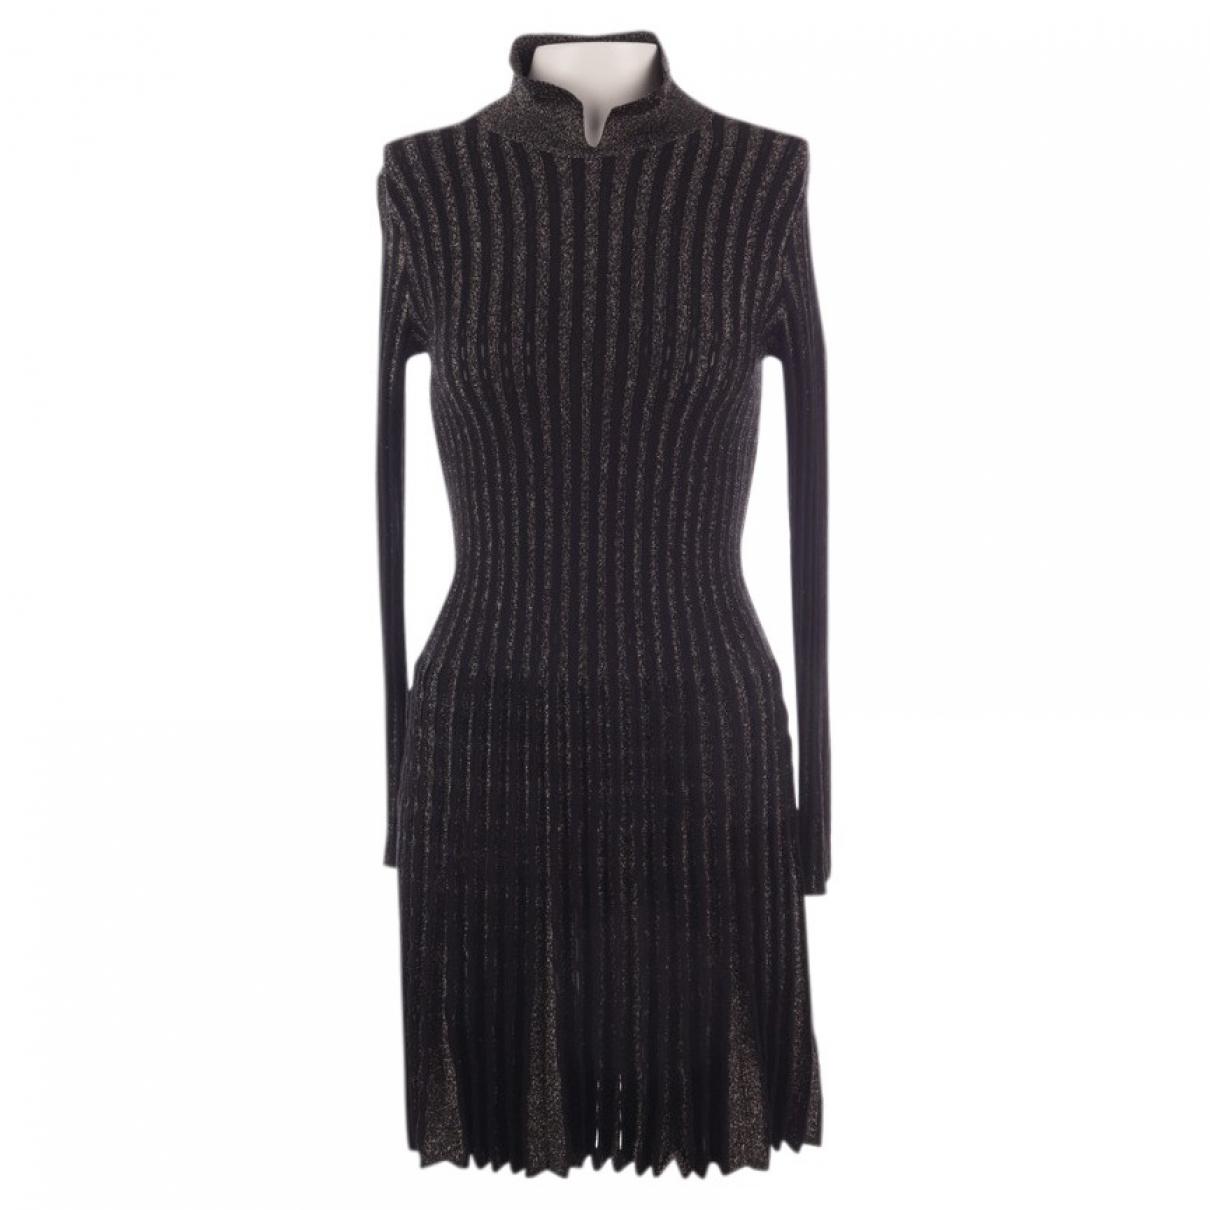 M Missoni \N Black dress for Women 34 FR